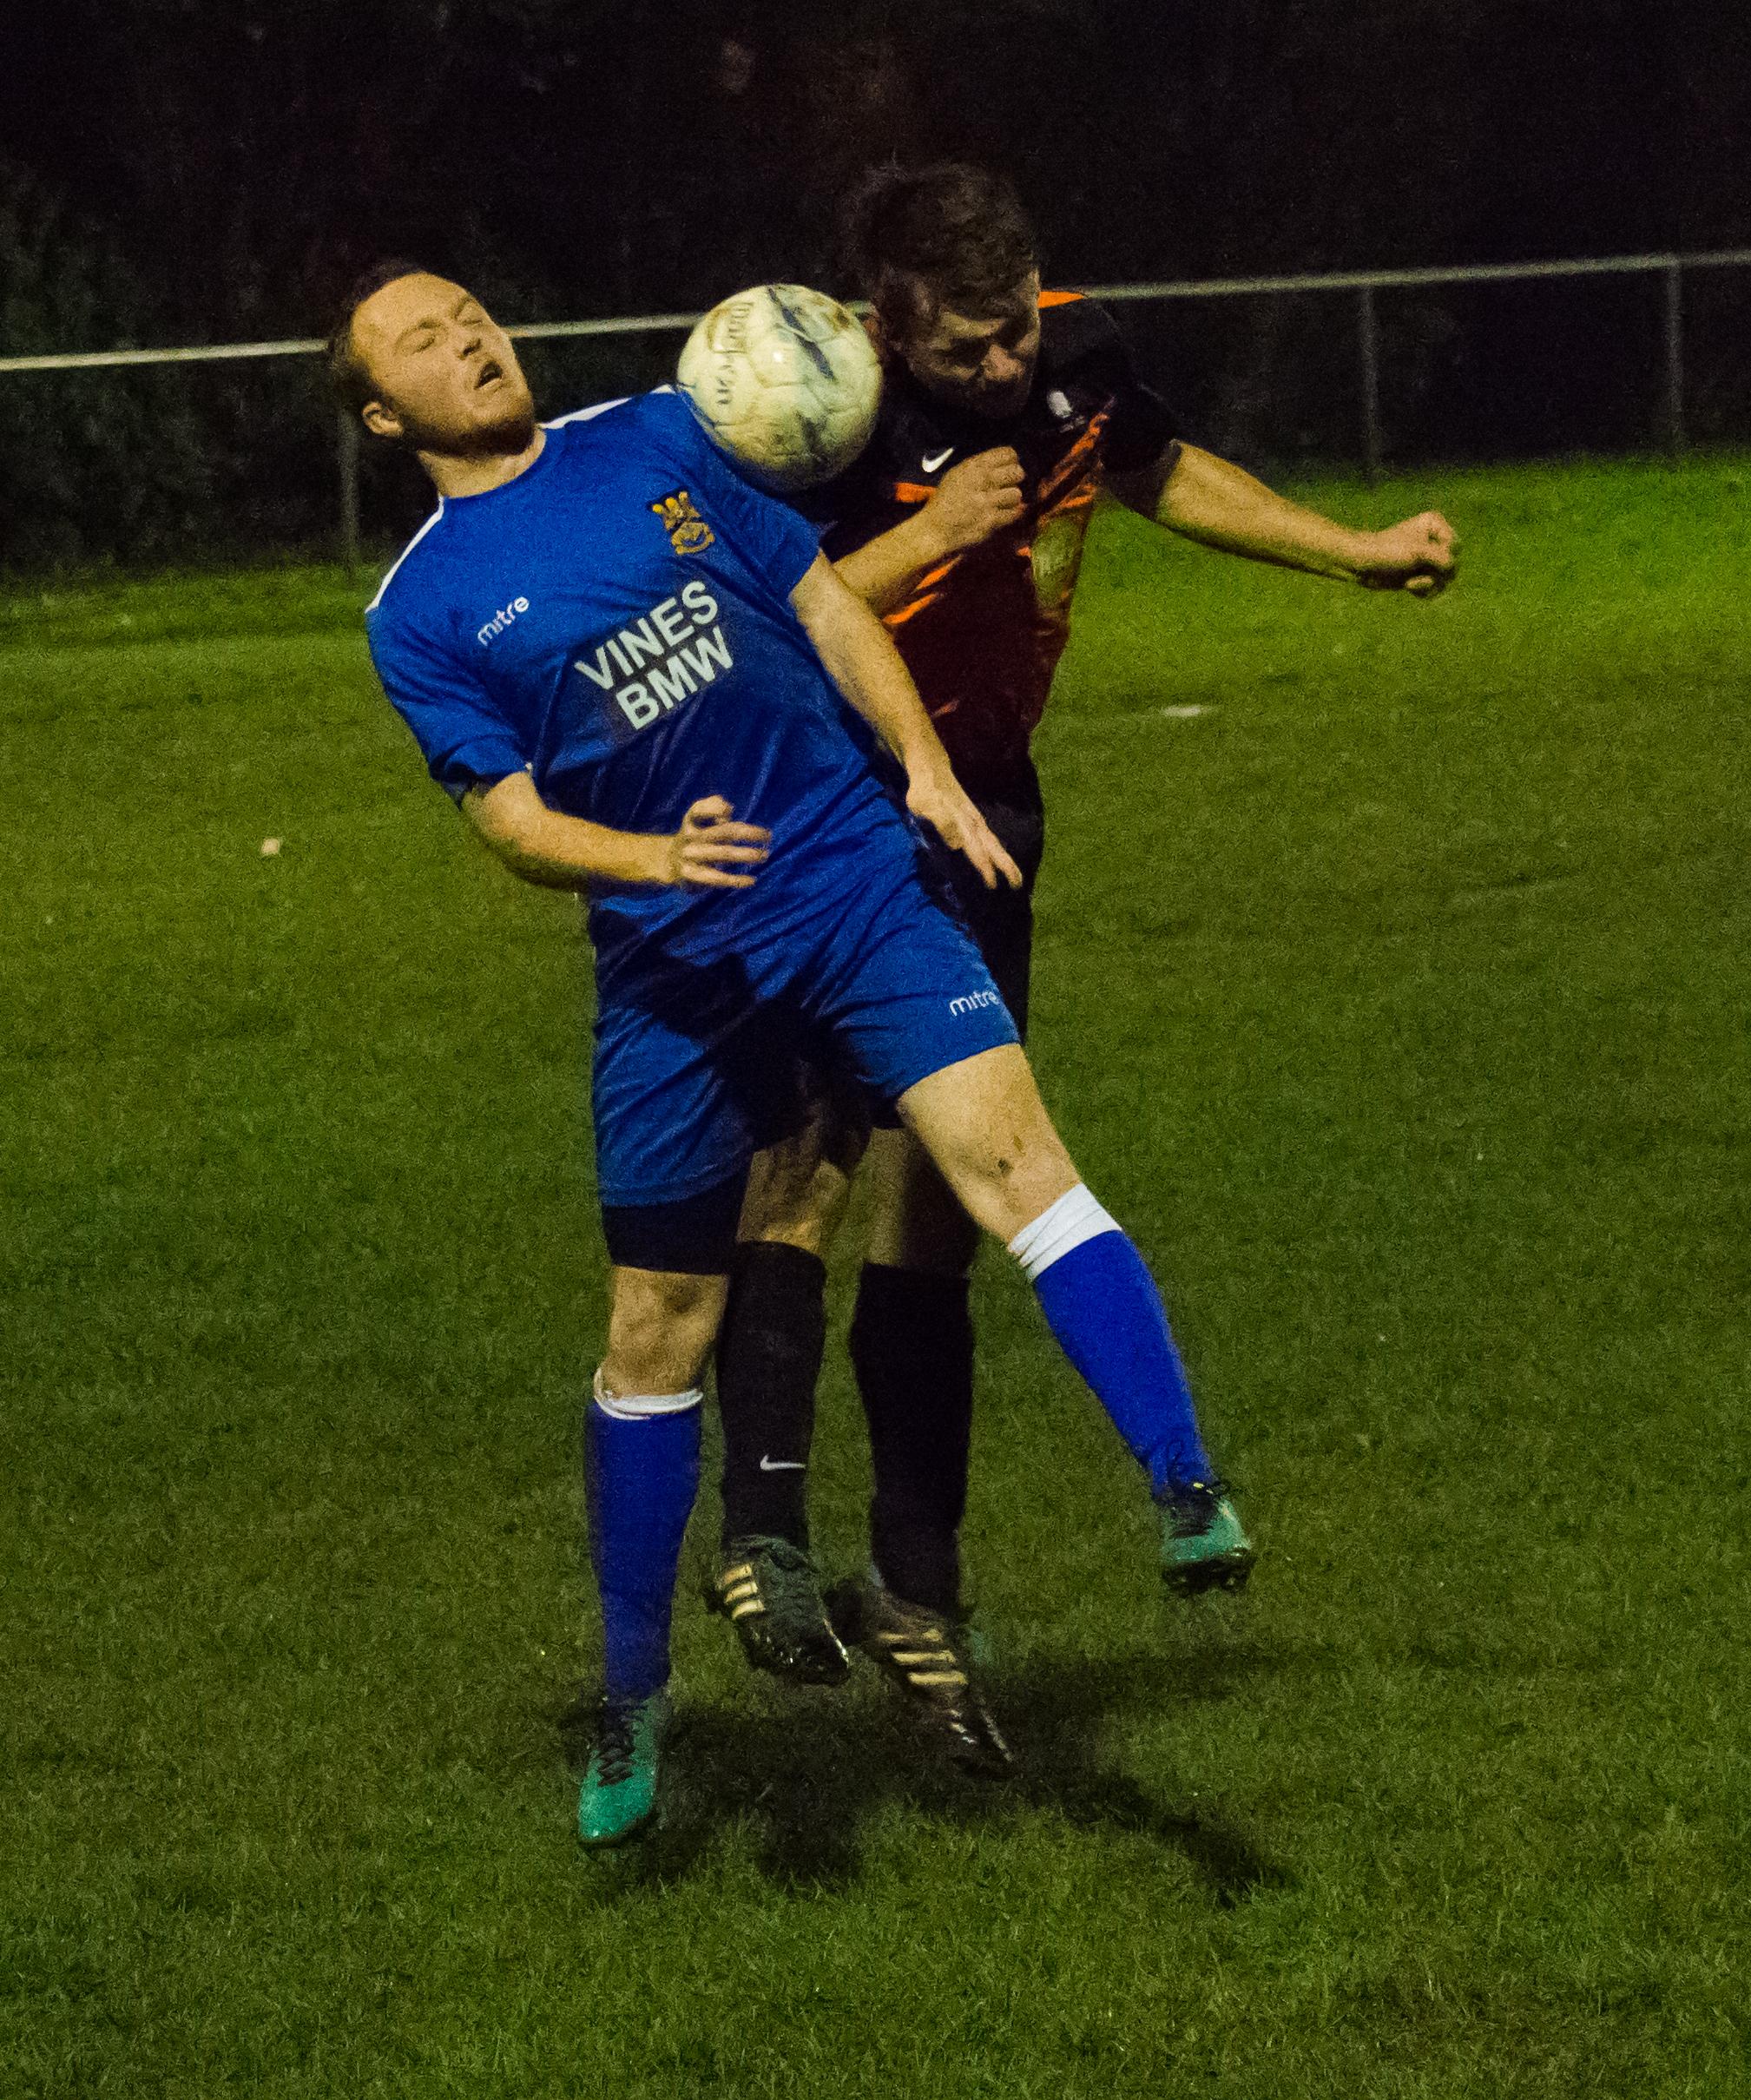 Mile Oak U21s vs Three Bridges U21s 09.11.17 05